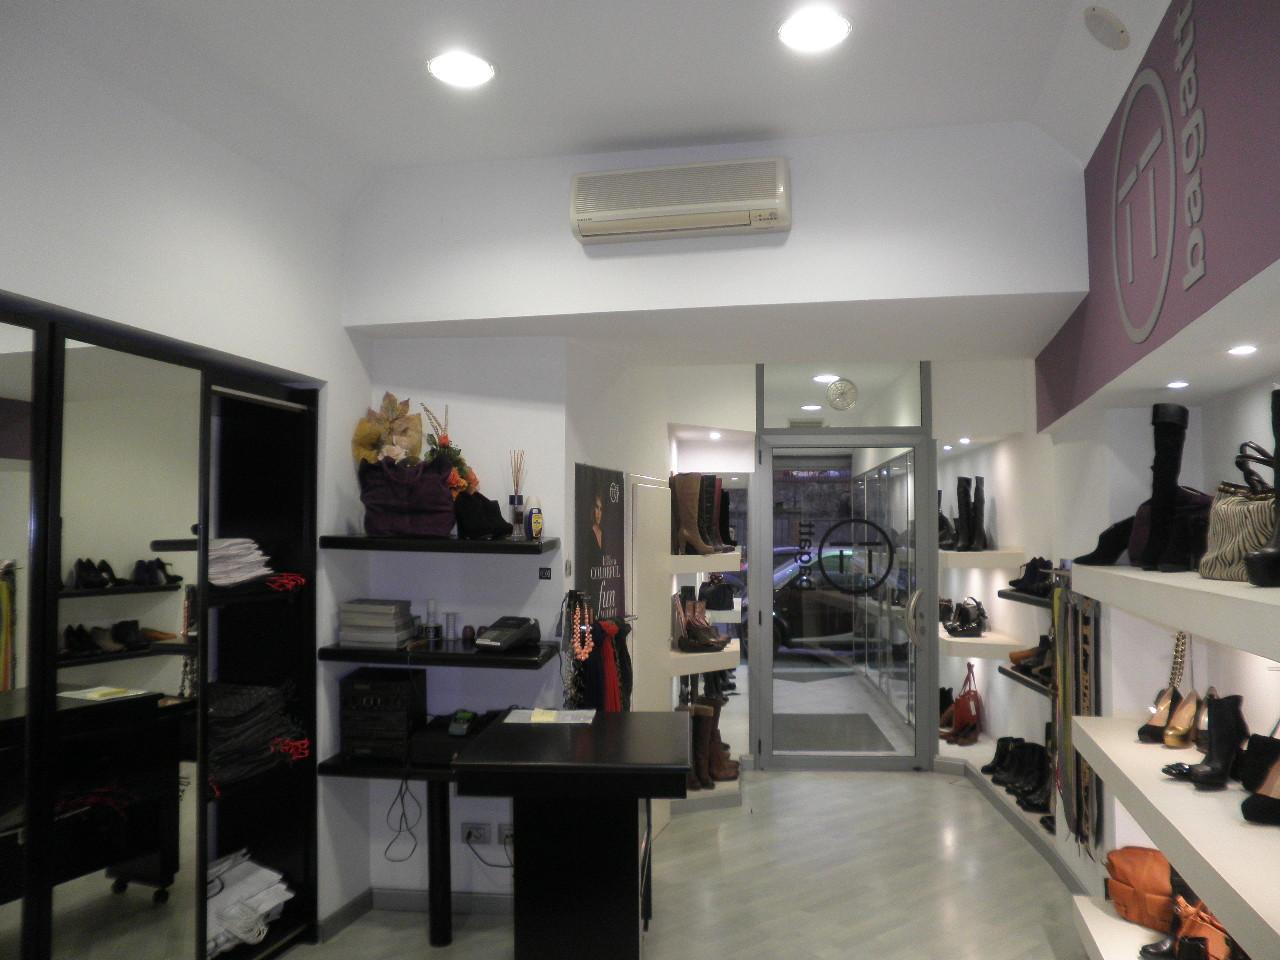 Negozio / Locale in vendita a Catanzaro, 4 locali, zona Località: CATANZAROCENTRO, prezzo € 99.000 | CambioCasa.it